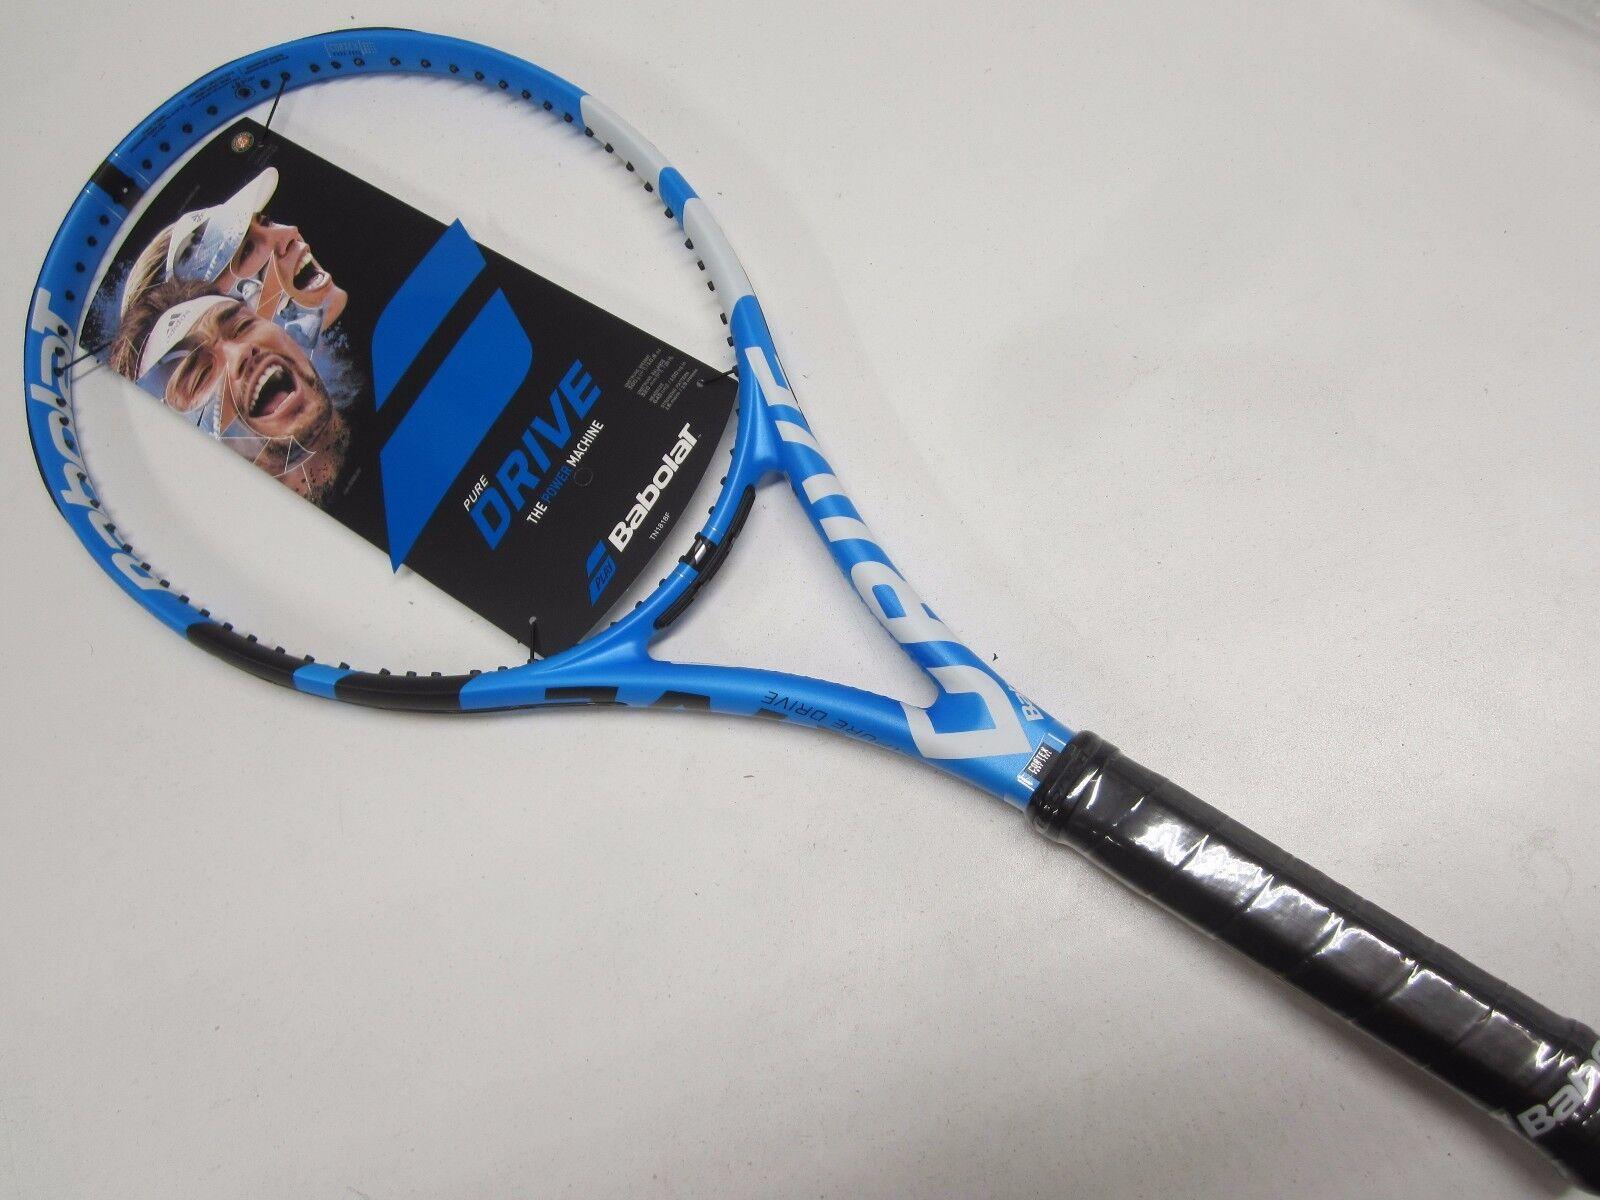 nuevo  2019  Babolat Pure Drive tenis raqueta (4 3 8) modelo actual  los nuevos estilos calientes